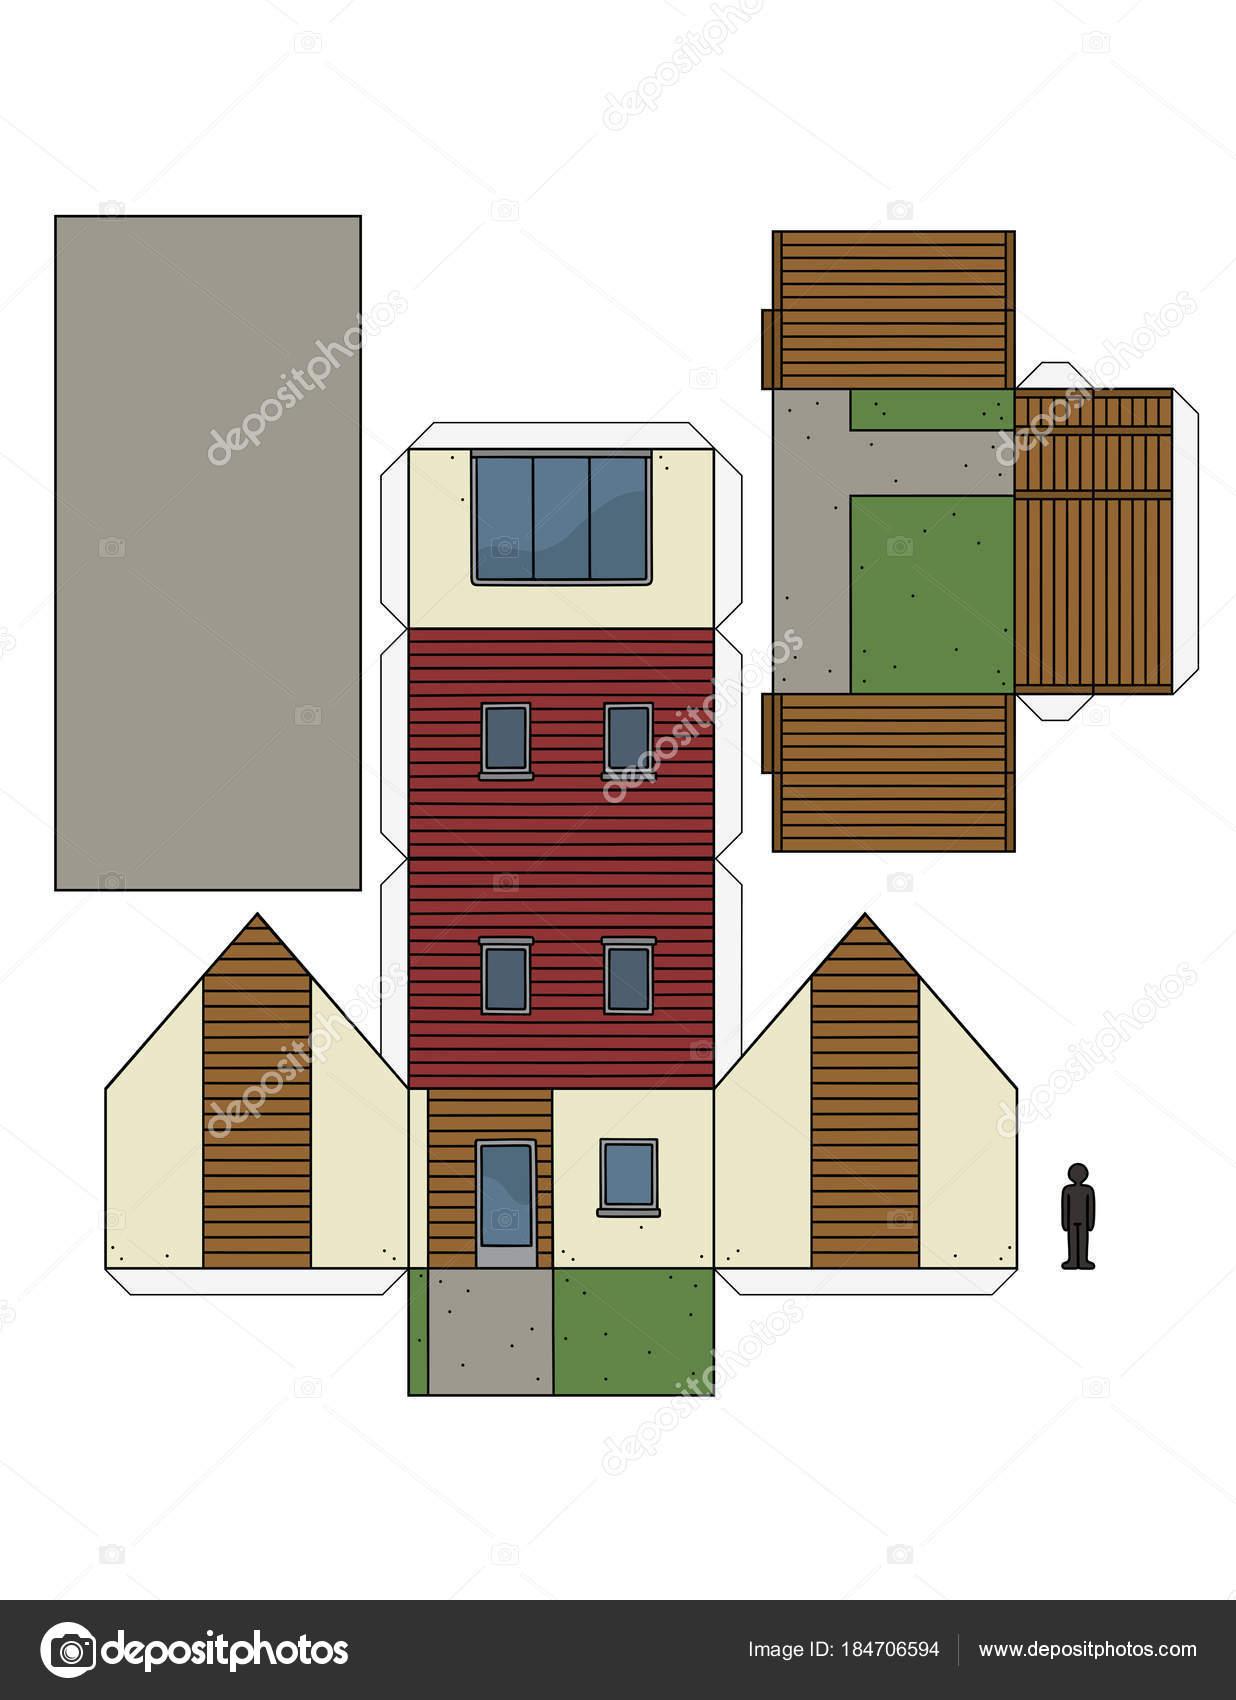 Maquette Maison Moderne maquette papier une petite maison moderne — image vectorielle 2v